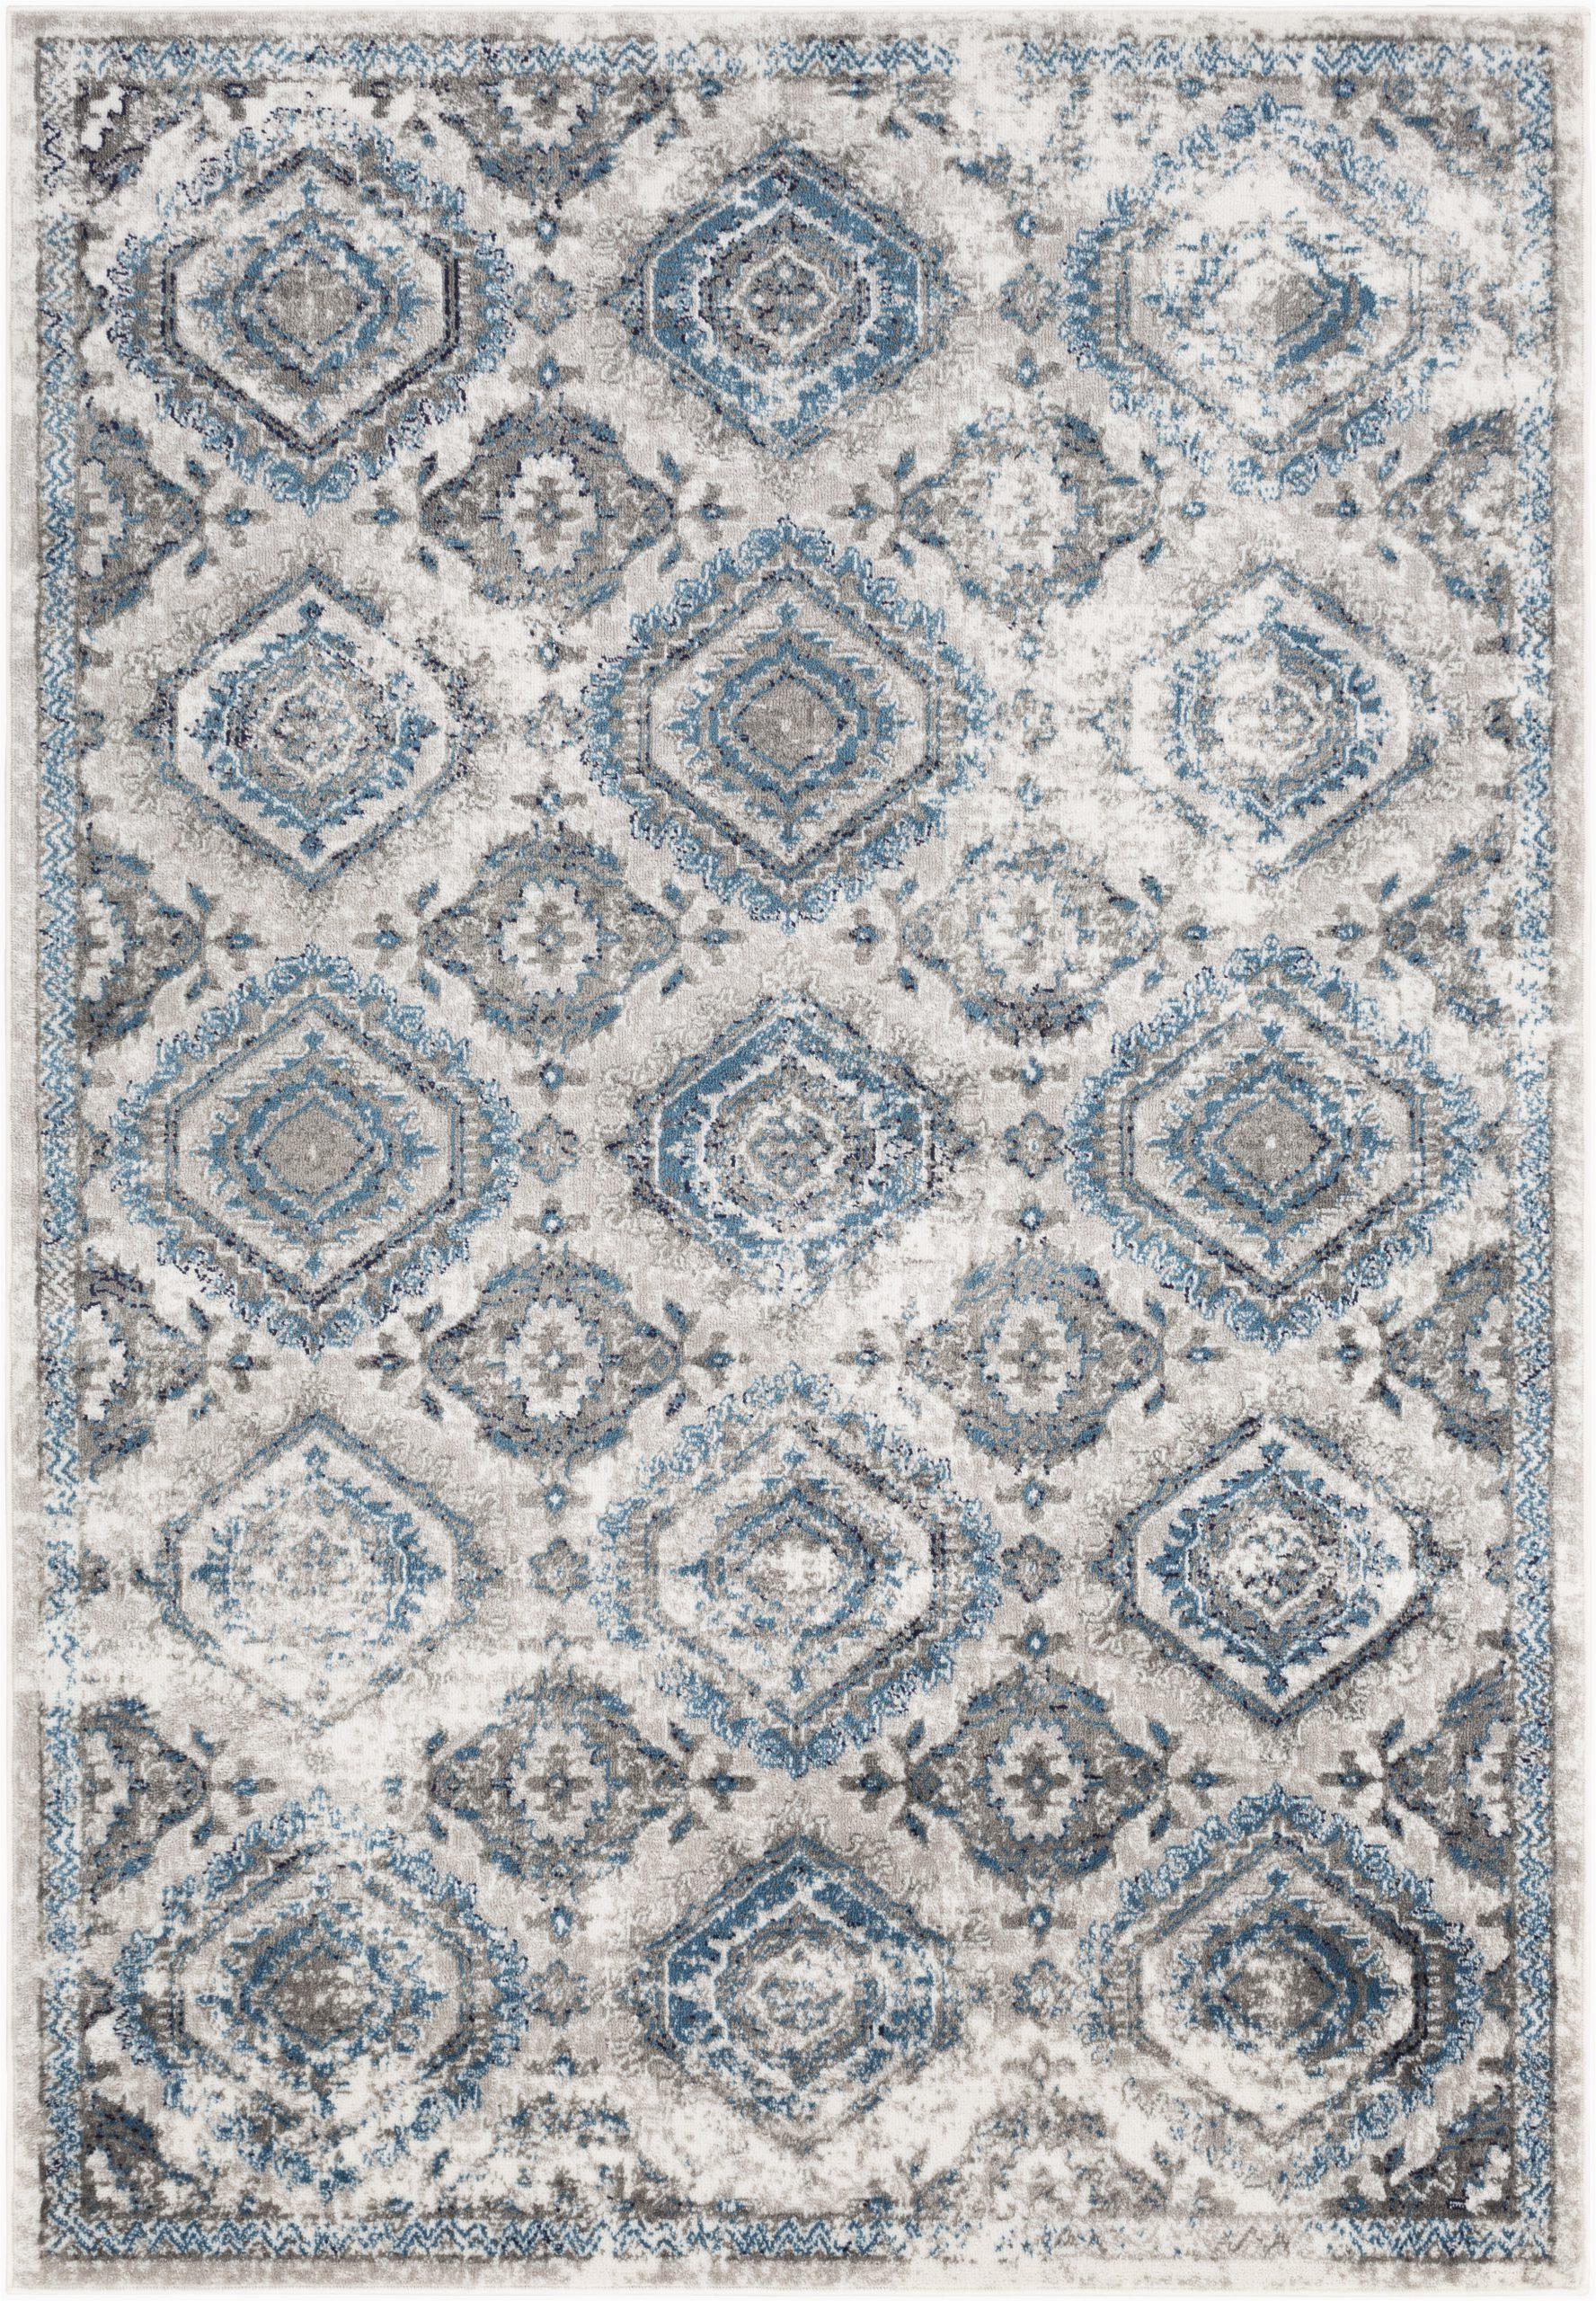 ranck oriental taupelight blue area rug